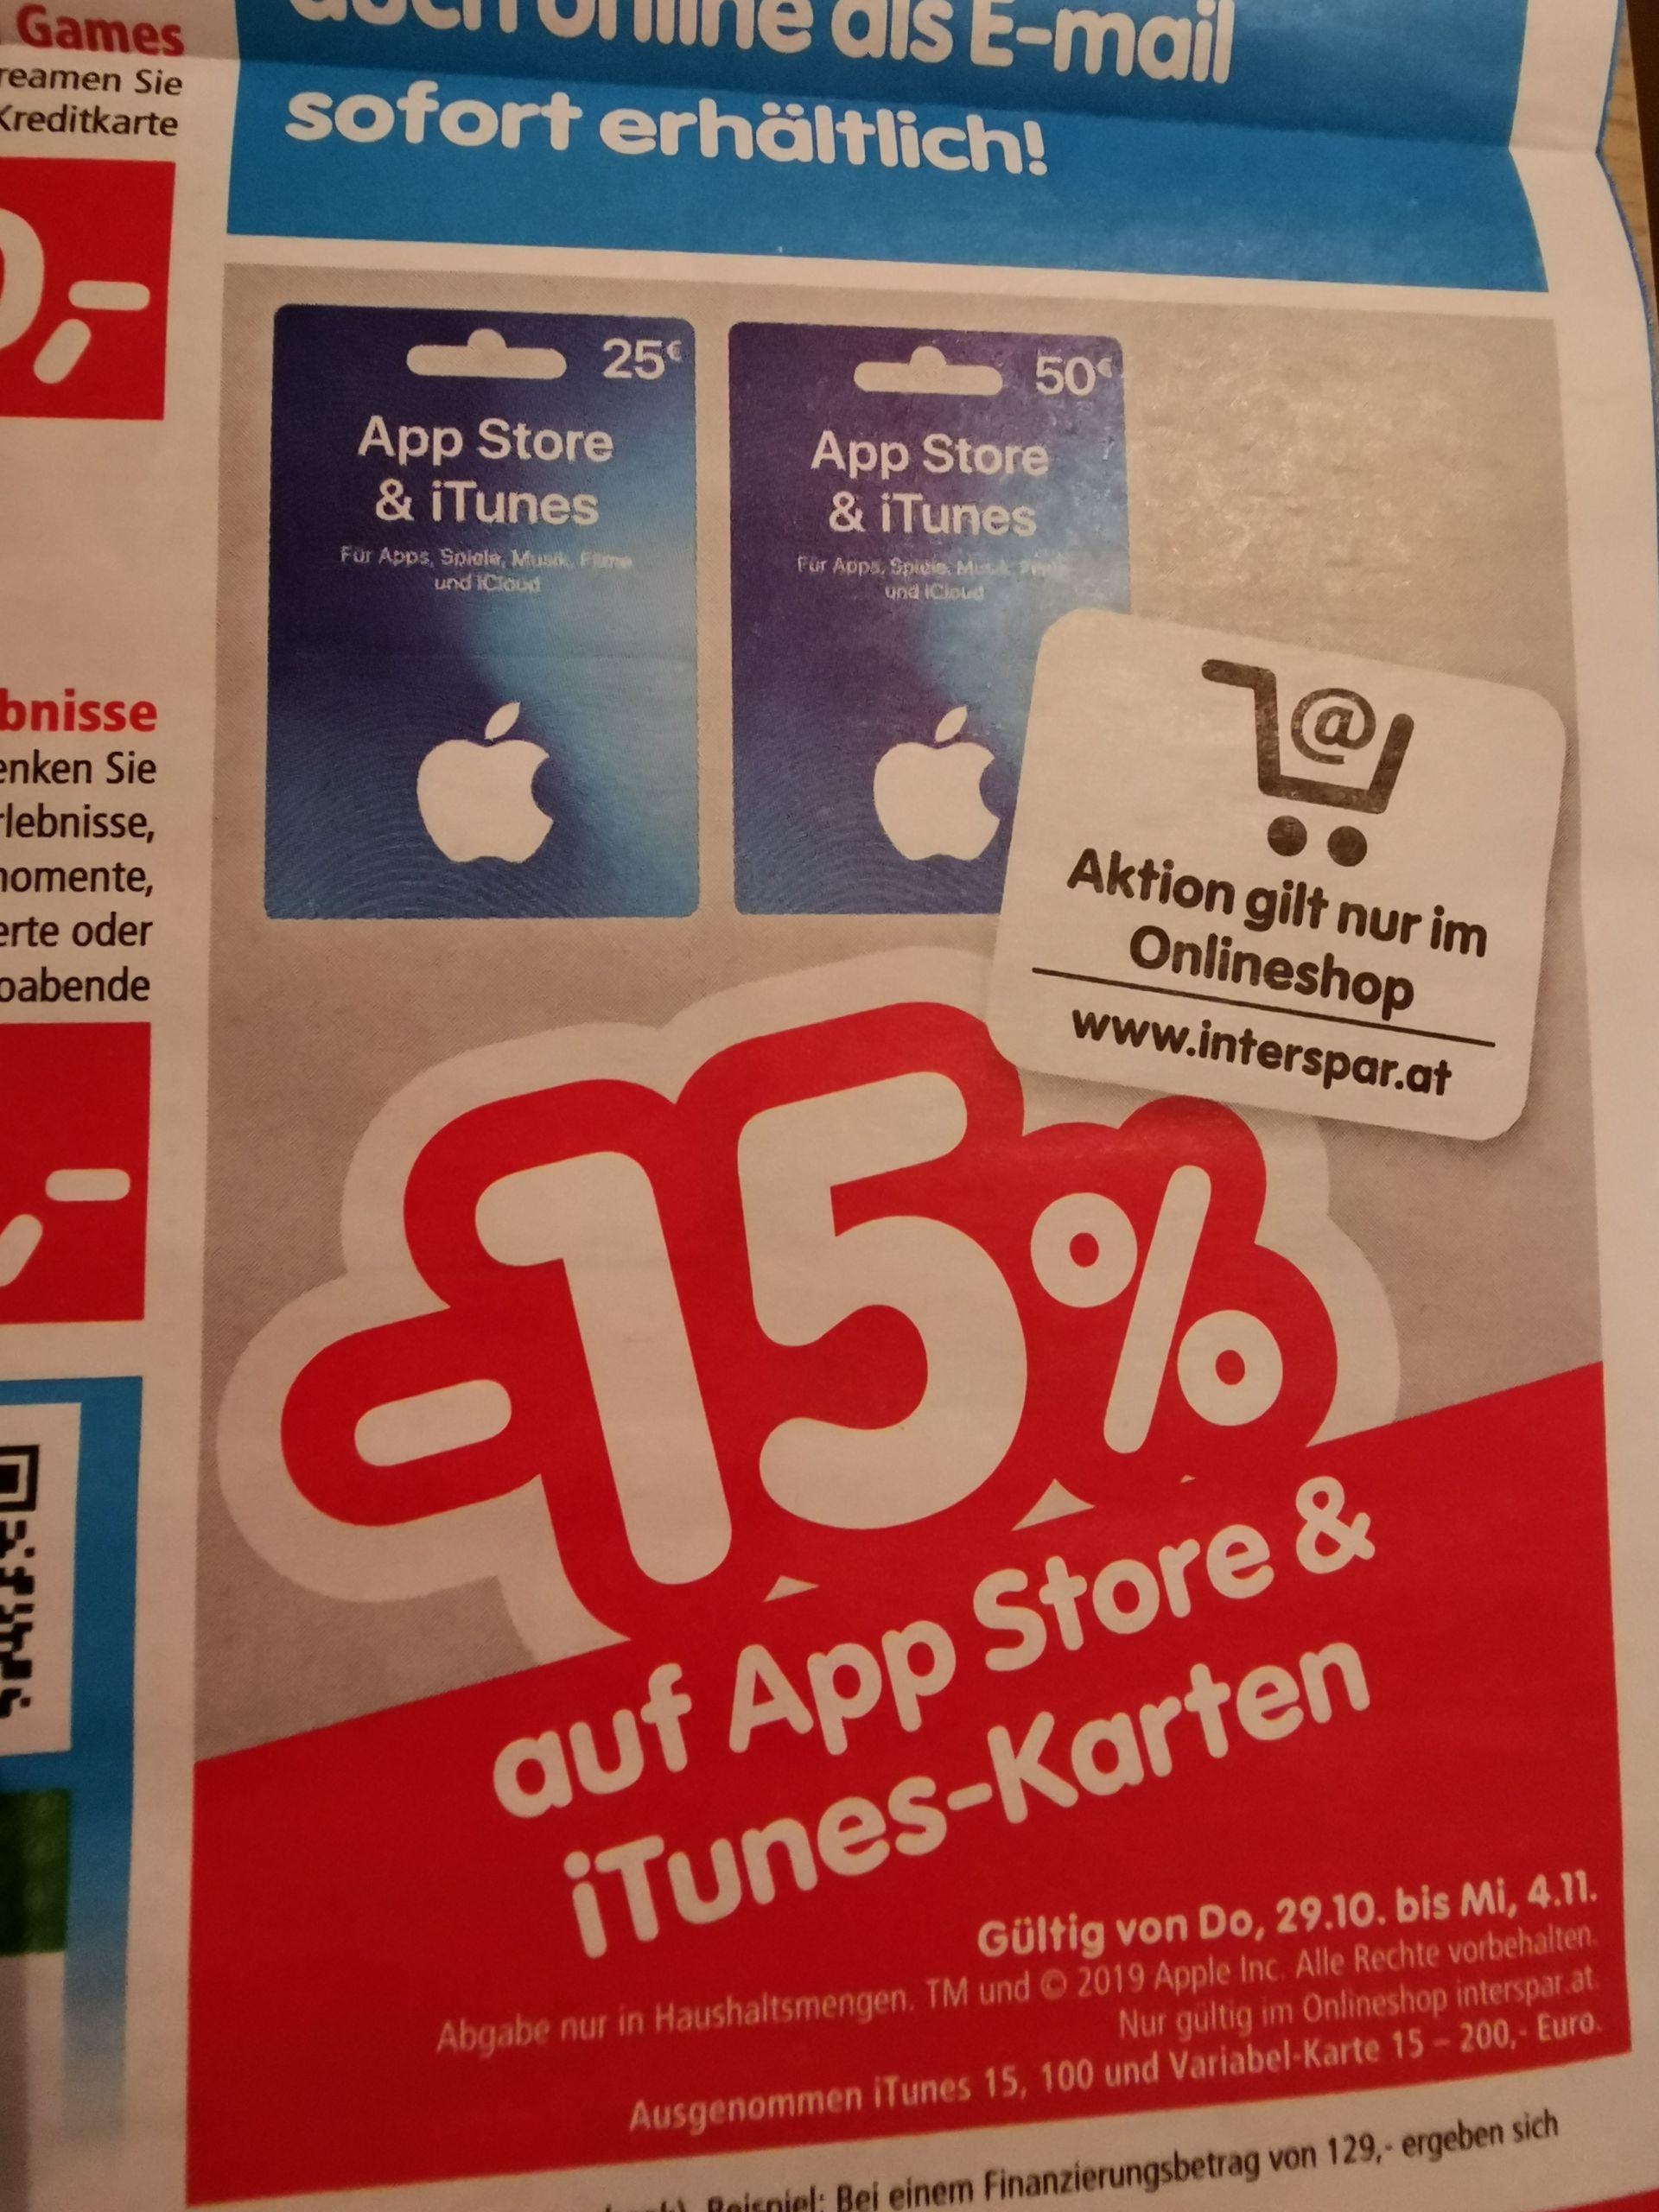 Interspar bietet 15% auf App-Store und ITunes Gutscheinkarten